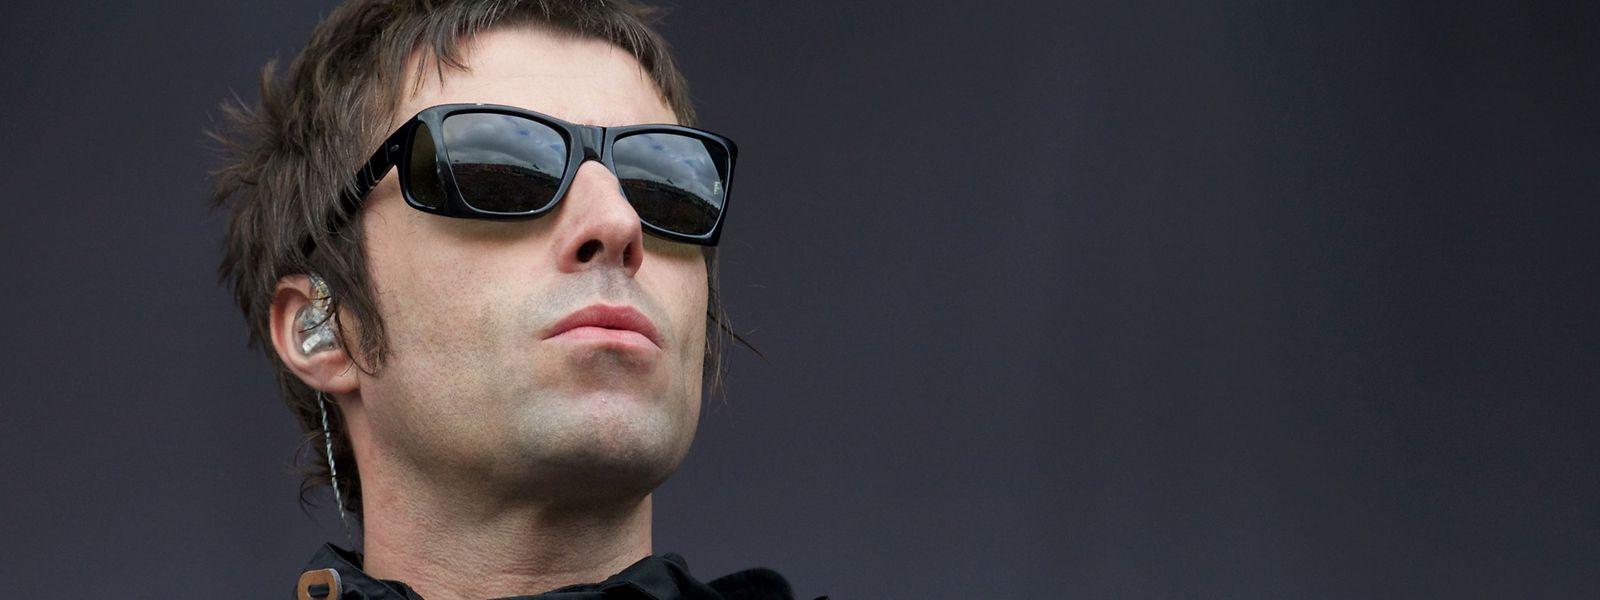 Liam Gallagher war der Frontmann von Oasis.